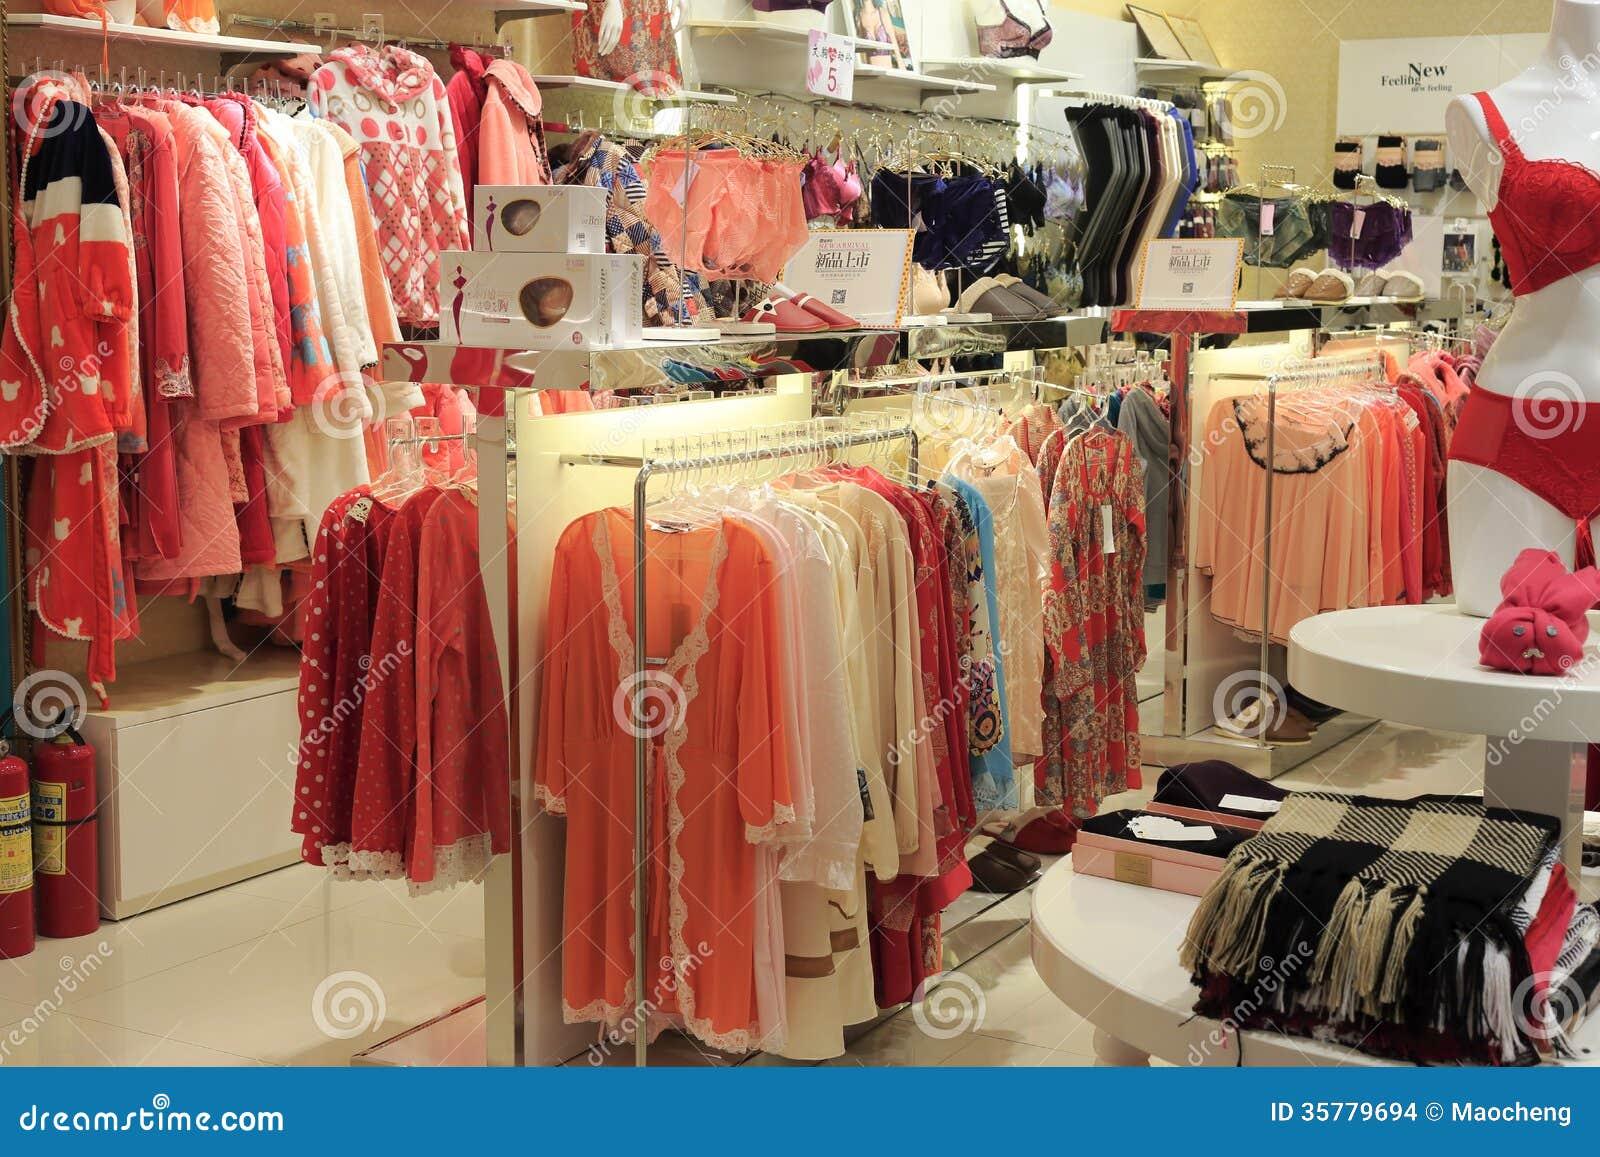 ad21c85fc La ropa y los pijamas de la ropa interior de la mujer hacen compras en  tesco de la ciudad amoy